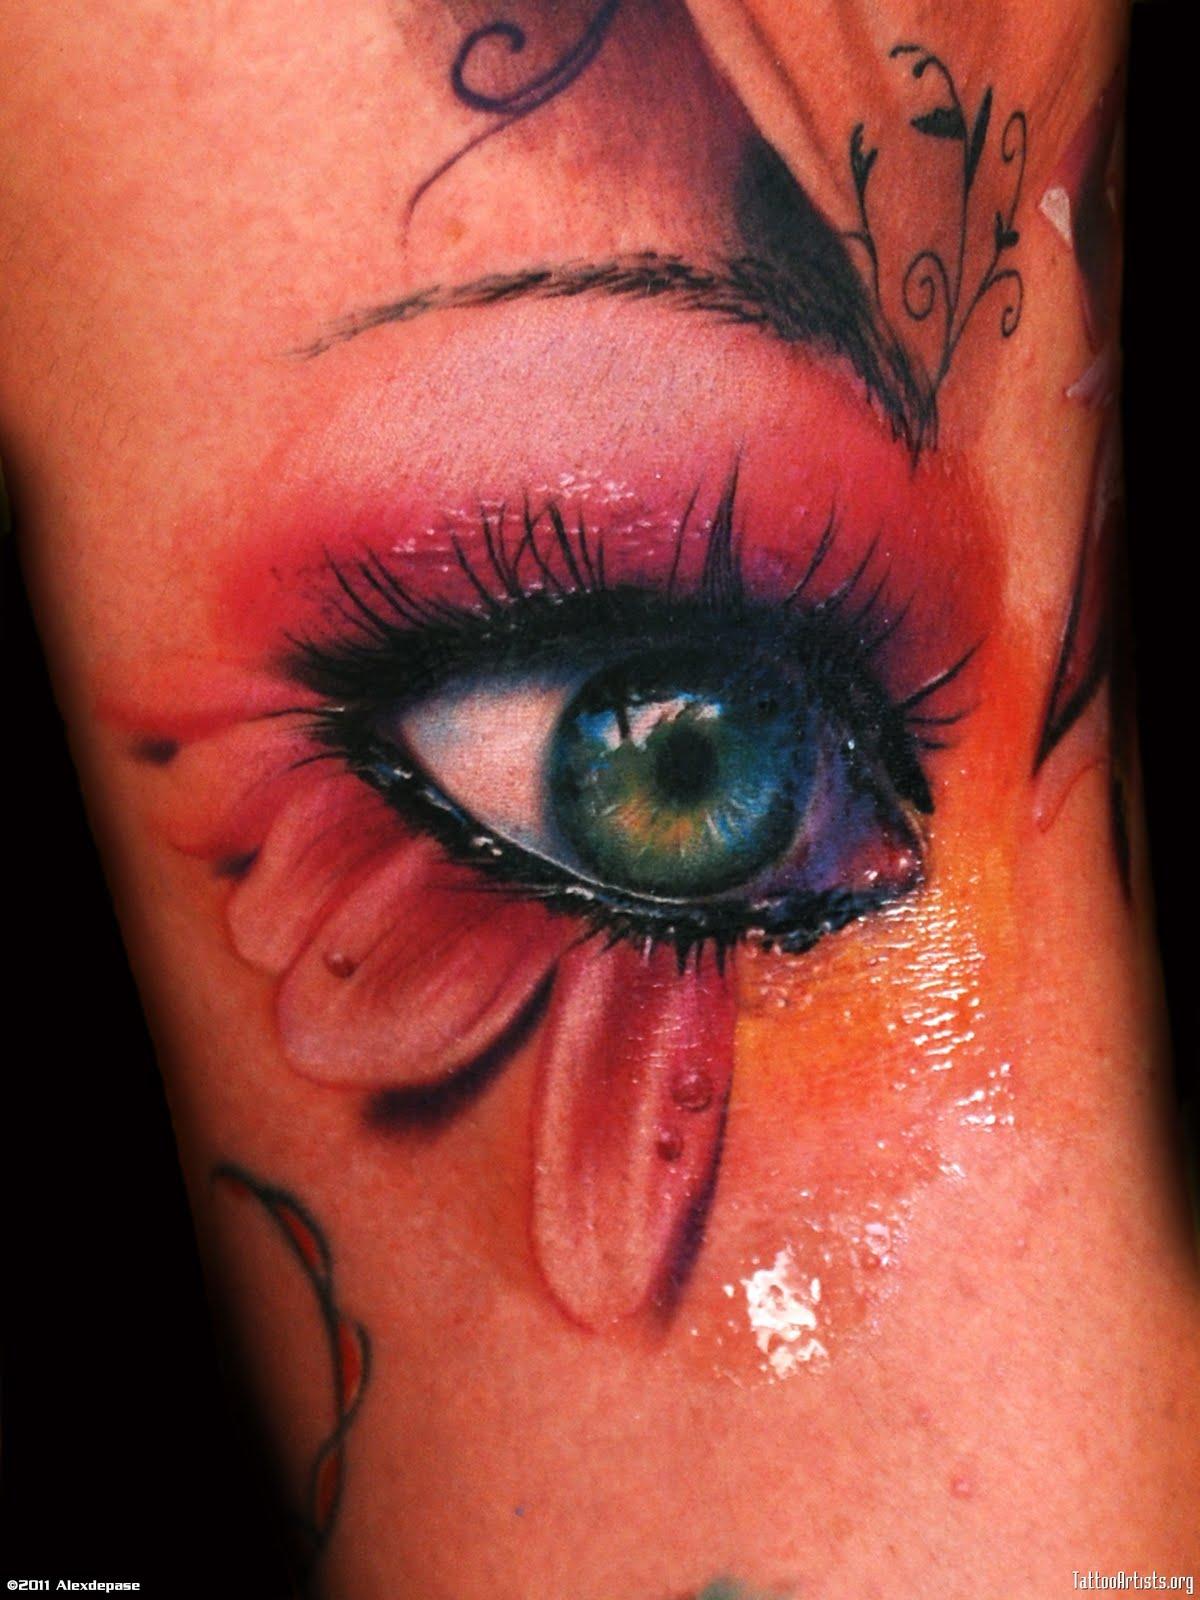 http://1.bp.blogspot.com/-gMQjHP4xxPM/TmVUqZG62hI/AAAAAAAAAWQ/NZCk_ANk_YA/s1600/olho-eye_AlexDePase_10_.jpg